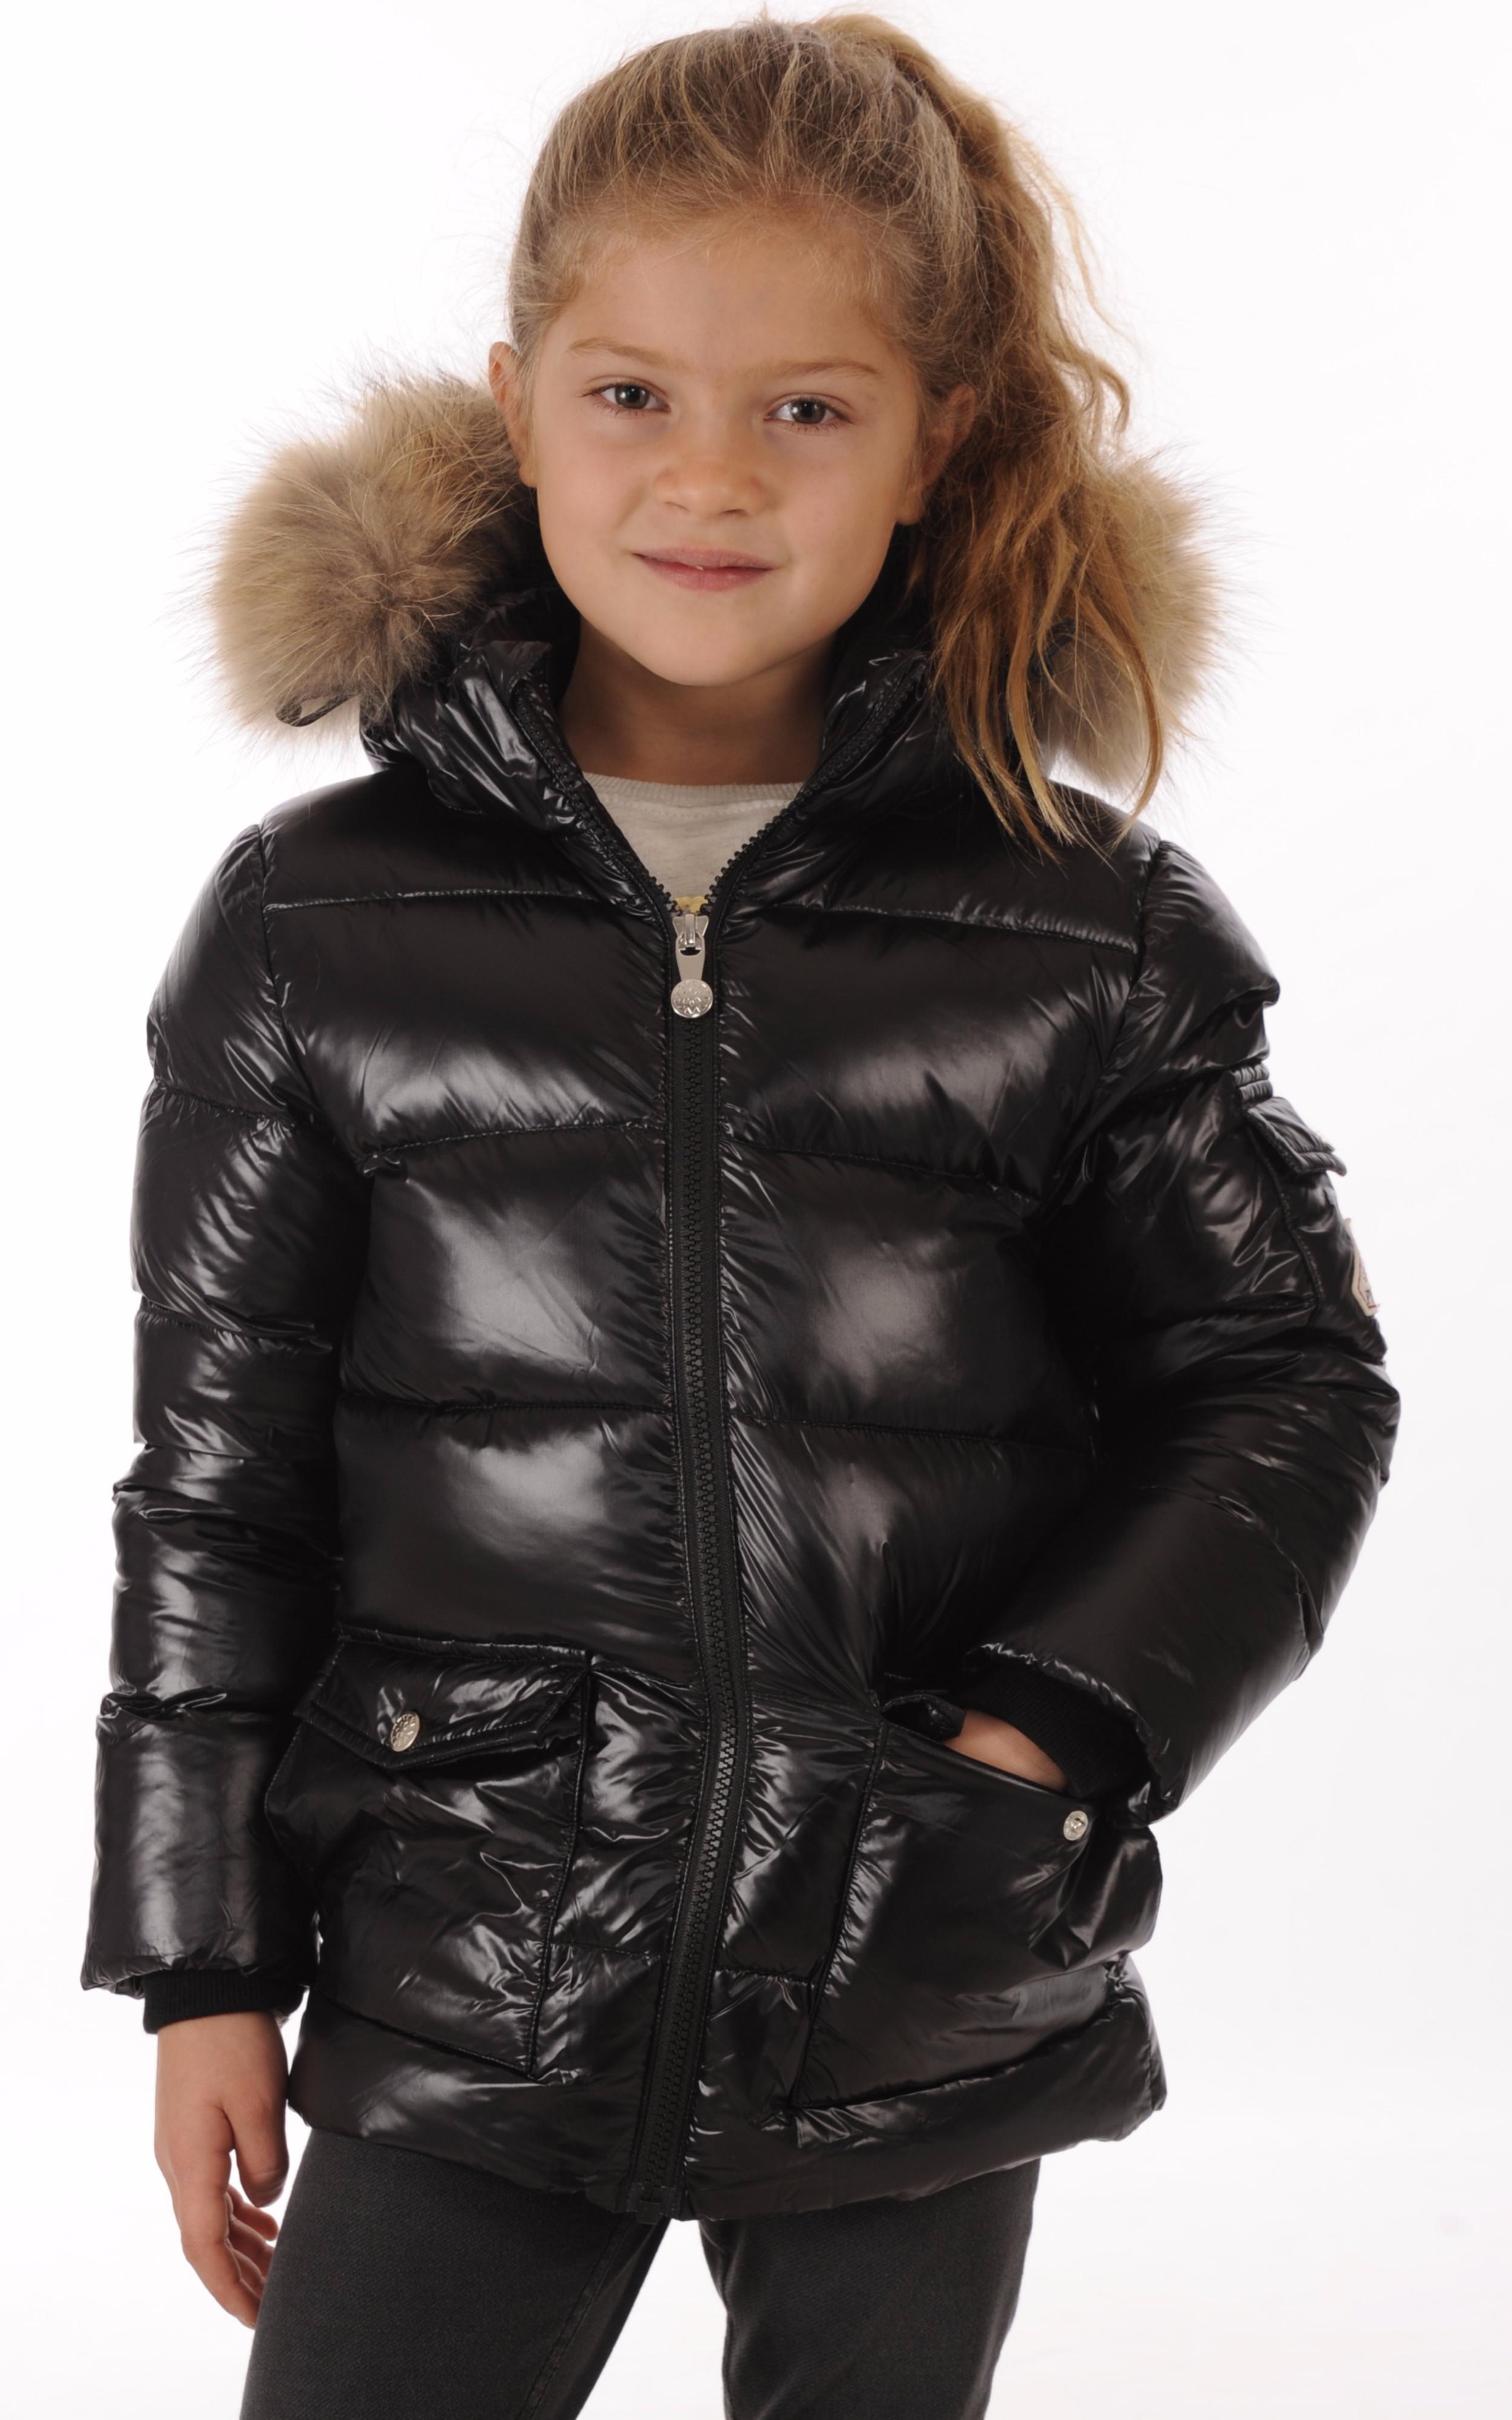 Doudoune Authentic Jacket Noire Fille Pyrenex - La Canadienne ... a41bfa0385c